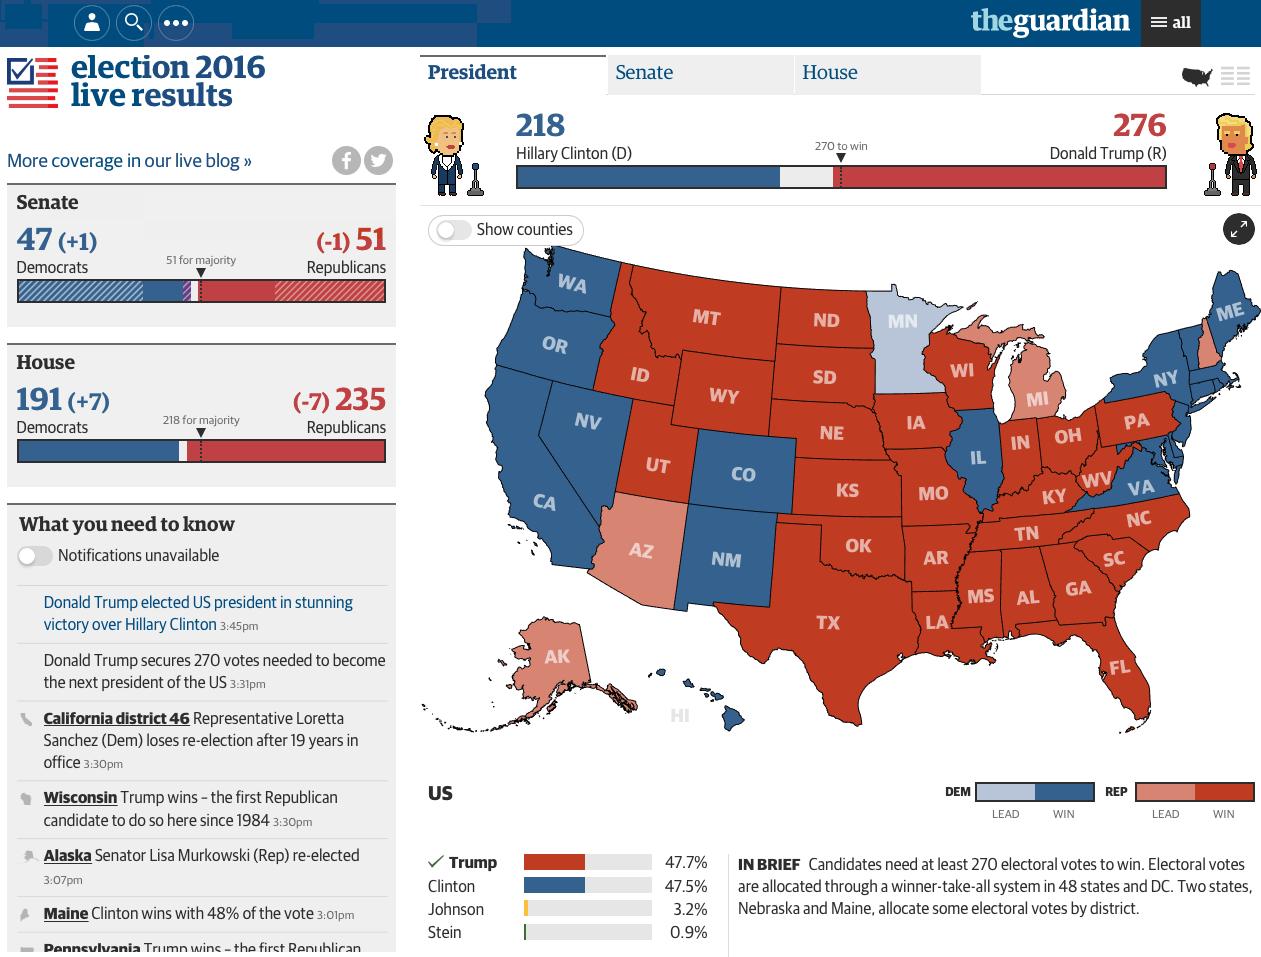 screen-shot-2016-11-09-at-6-18-08-pm